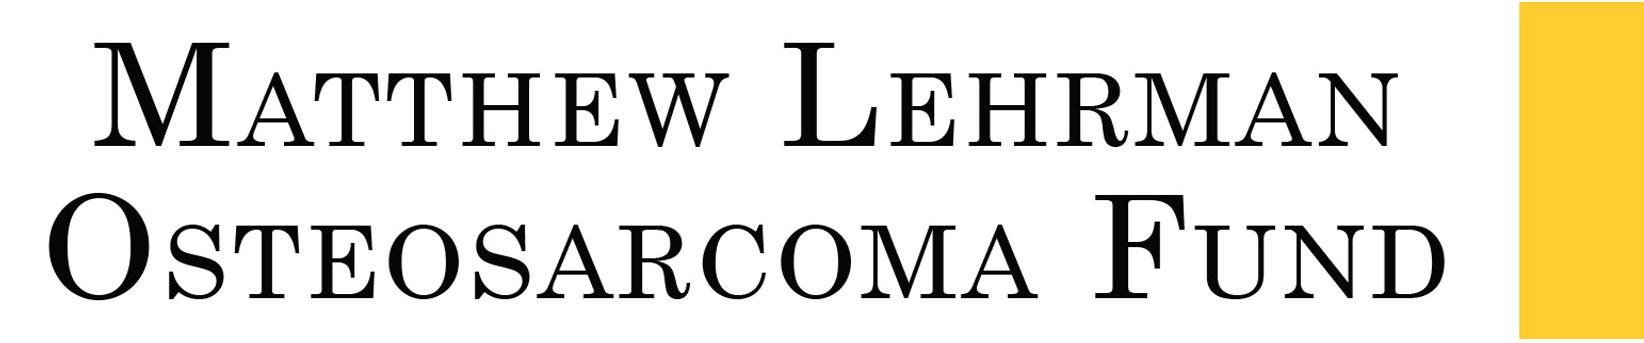 Matthew Lehrman Osteosarcoma Fund